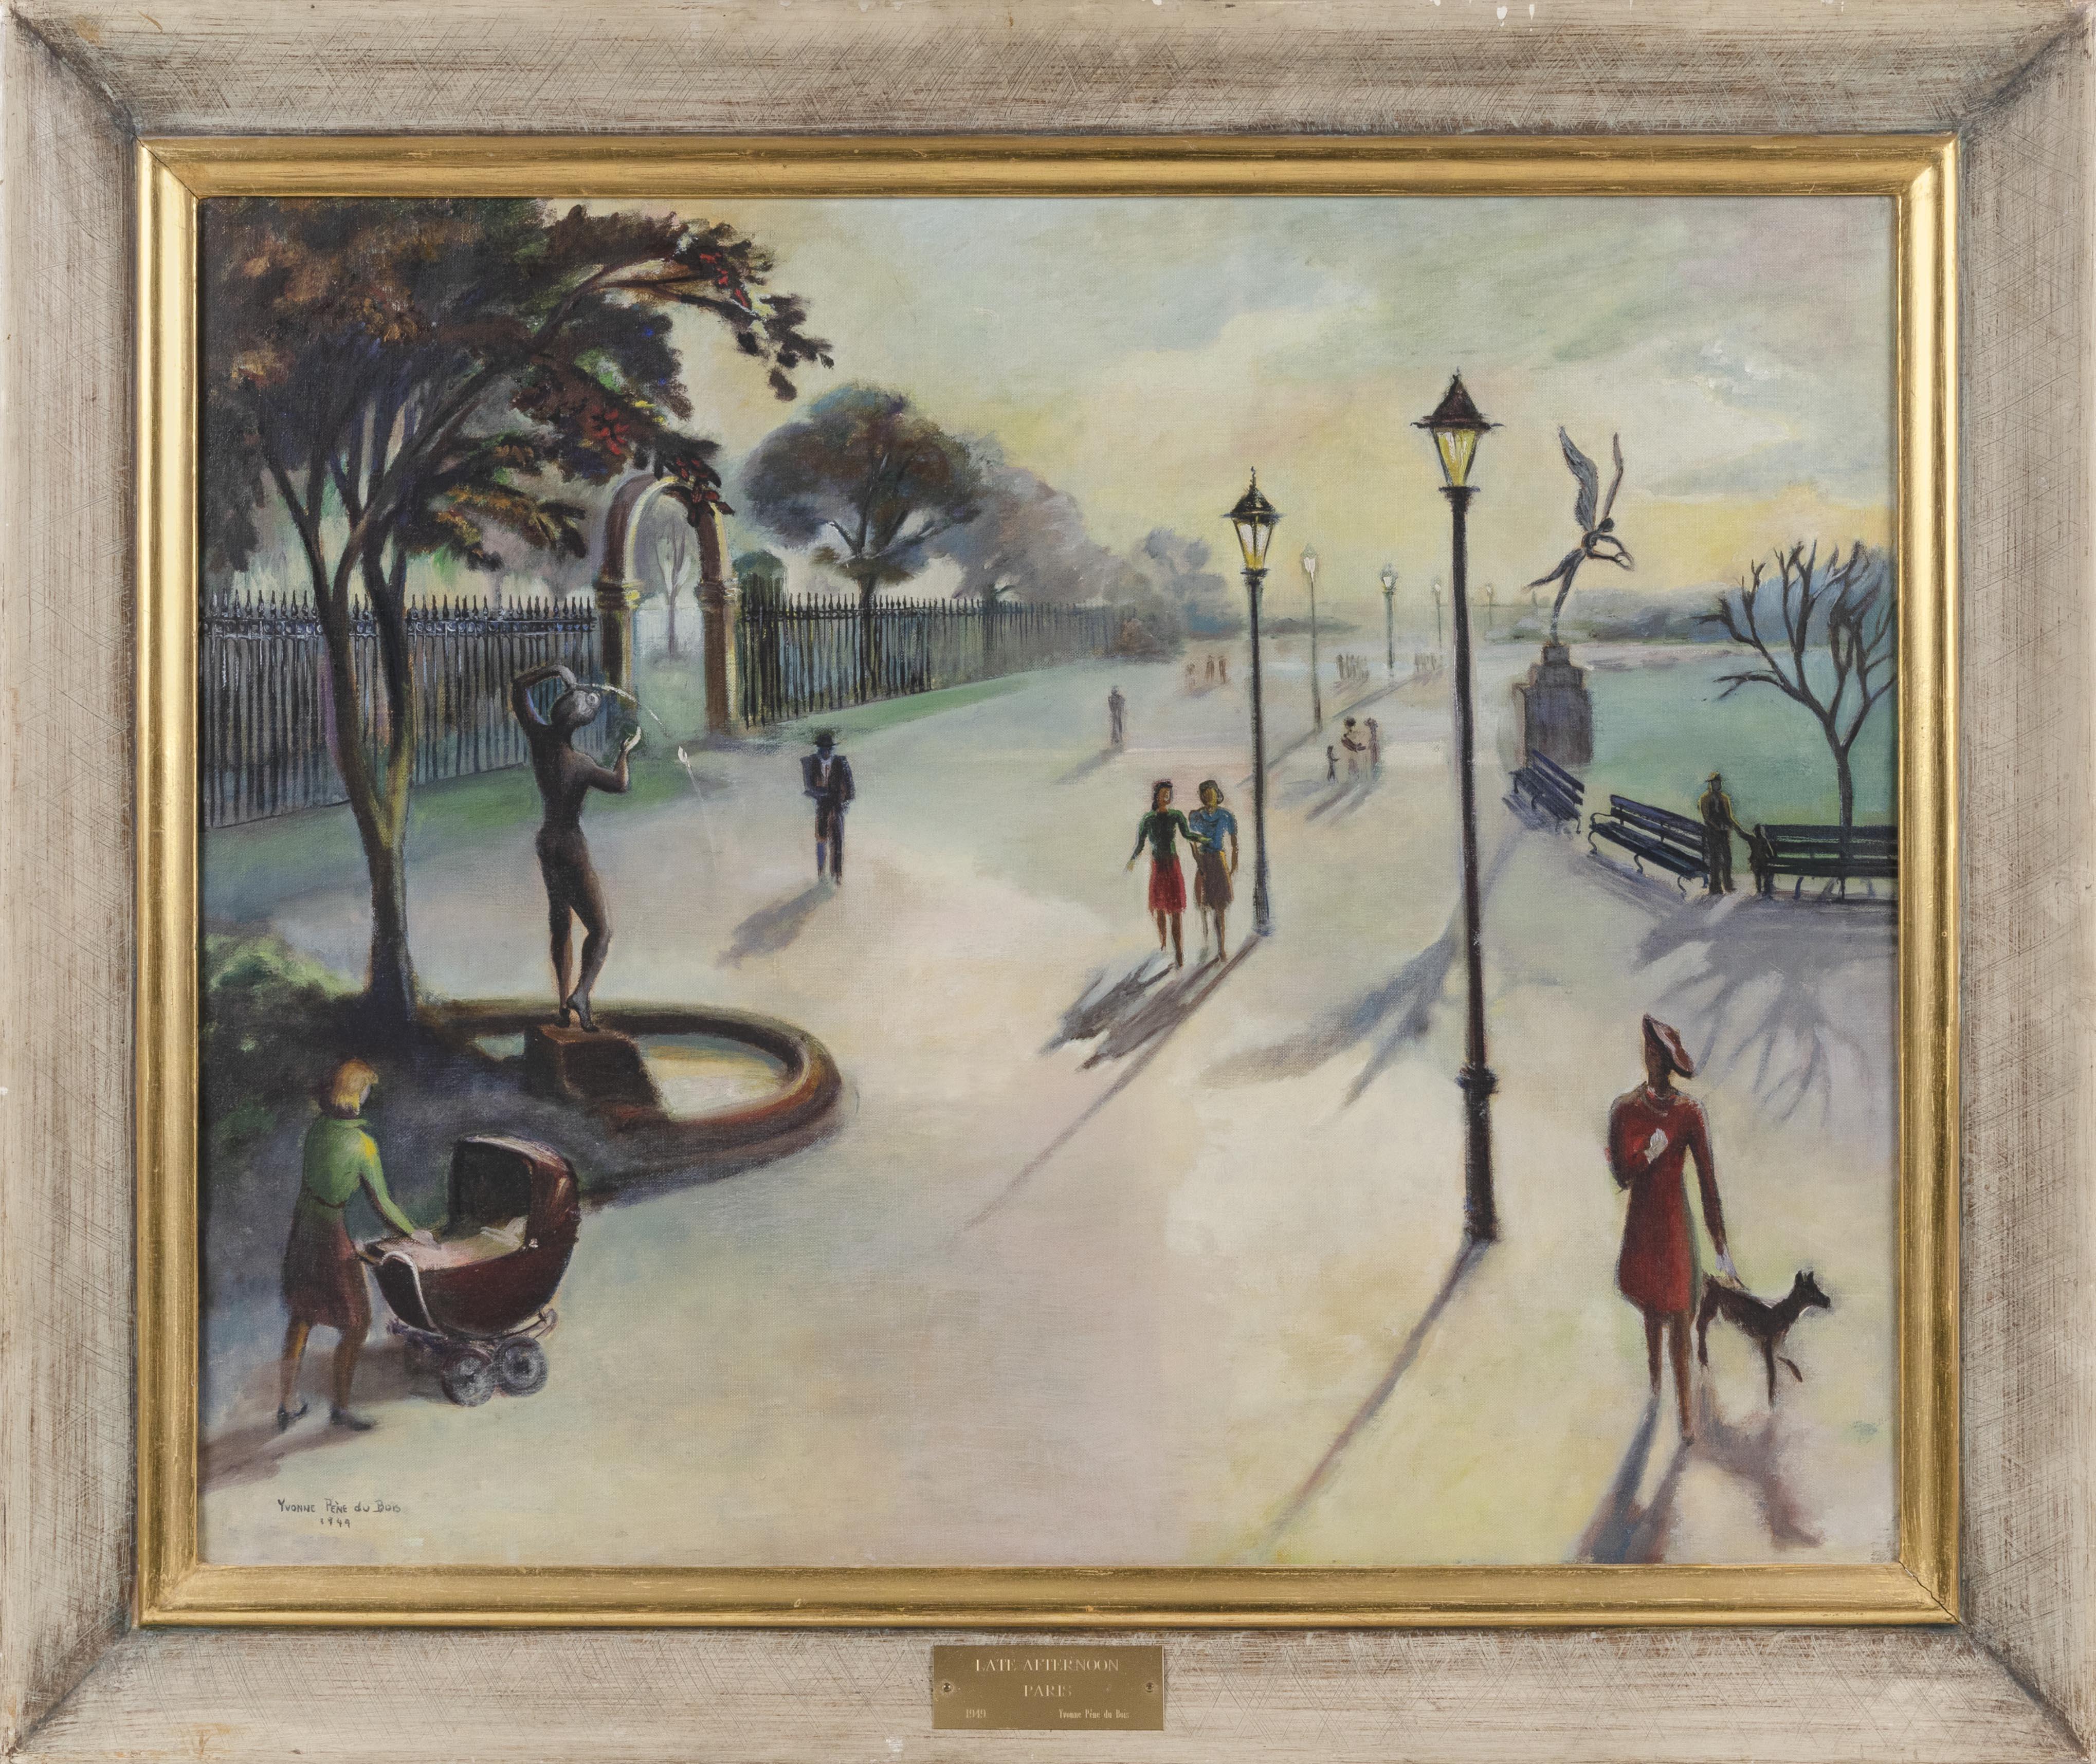 YVONNE PENE DU BOIS (New York, 1913-1997),